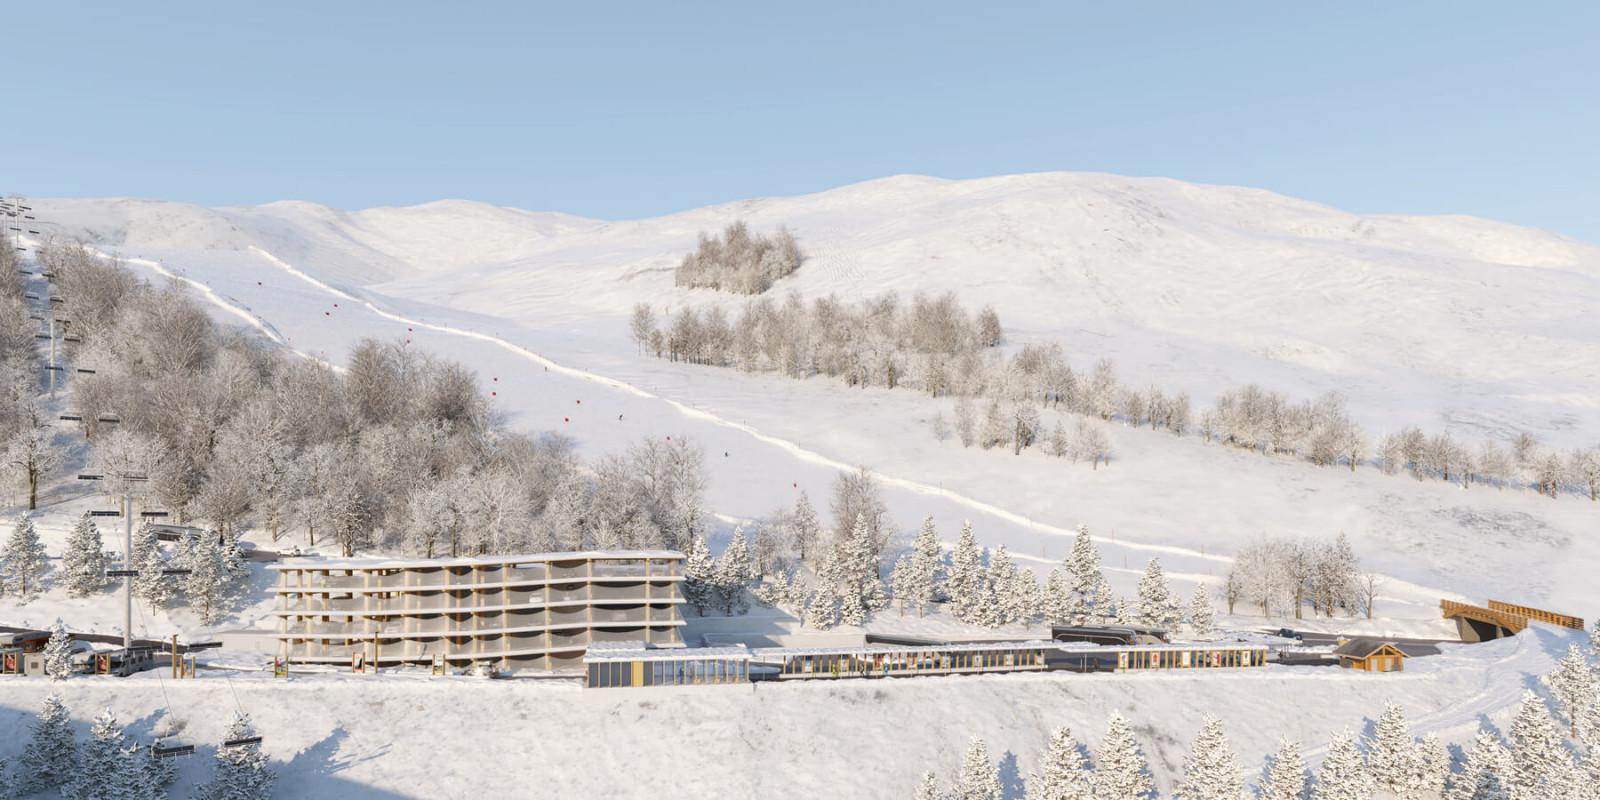 graam-les-deux-alpes-01-parking-amenagement-urbain-exterieur-neige-piste